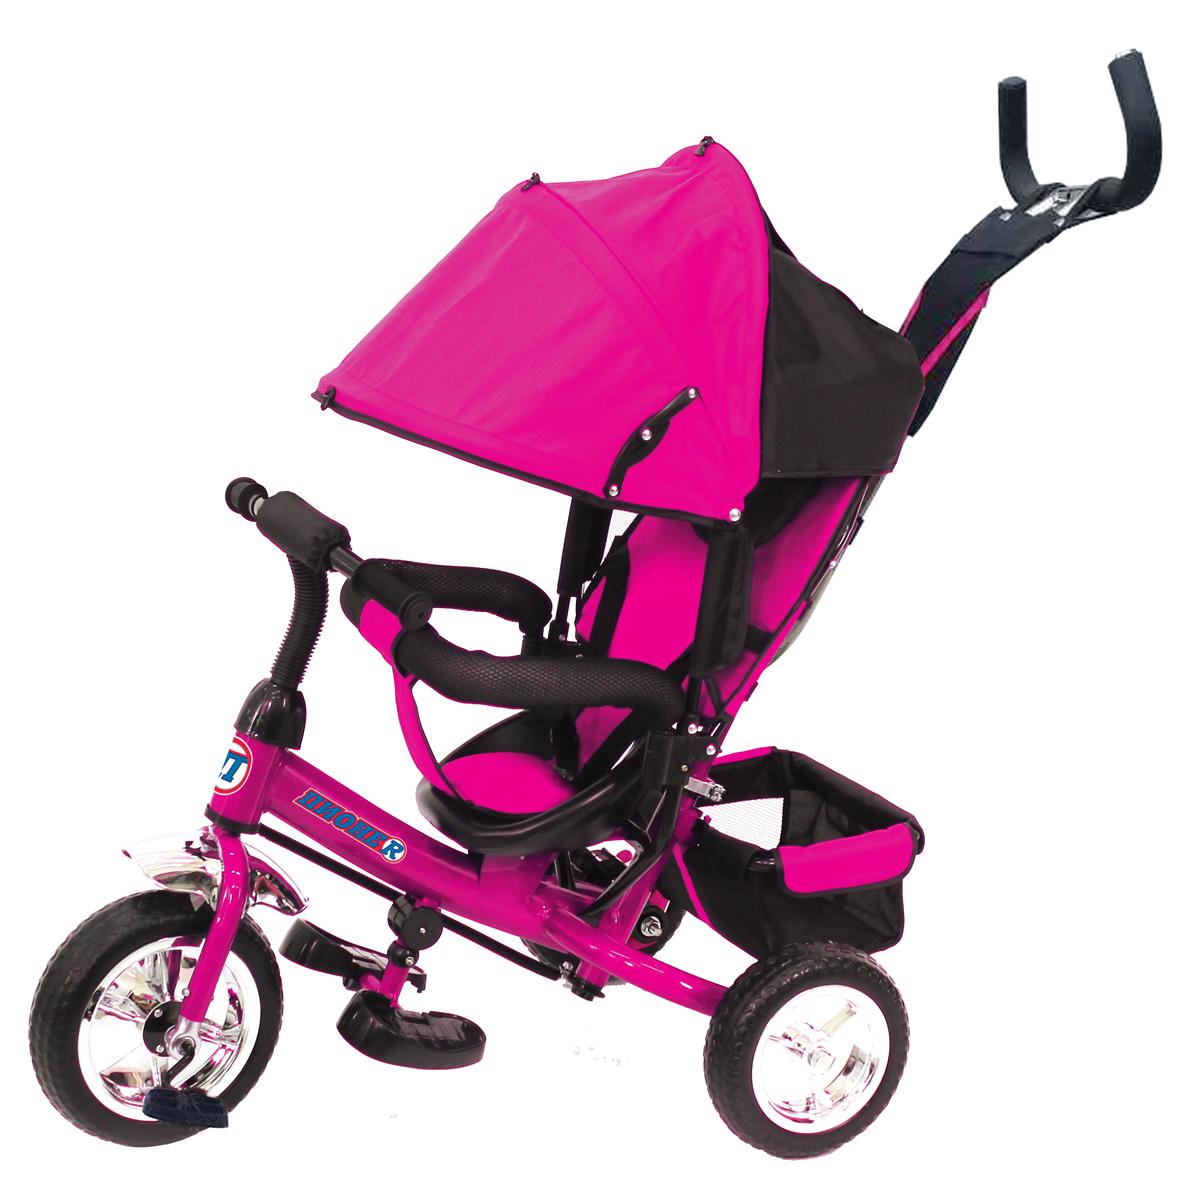 ПИОНЕR Велосипед трехколесный цвет розовый P1P - Велосипеды-каталки